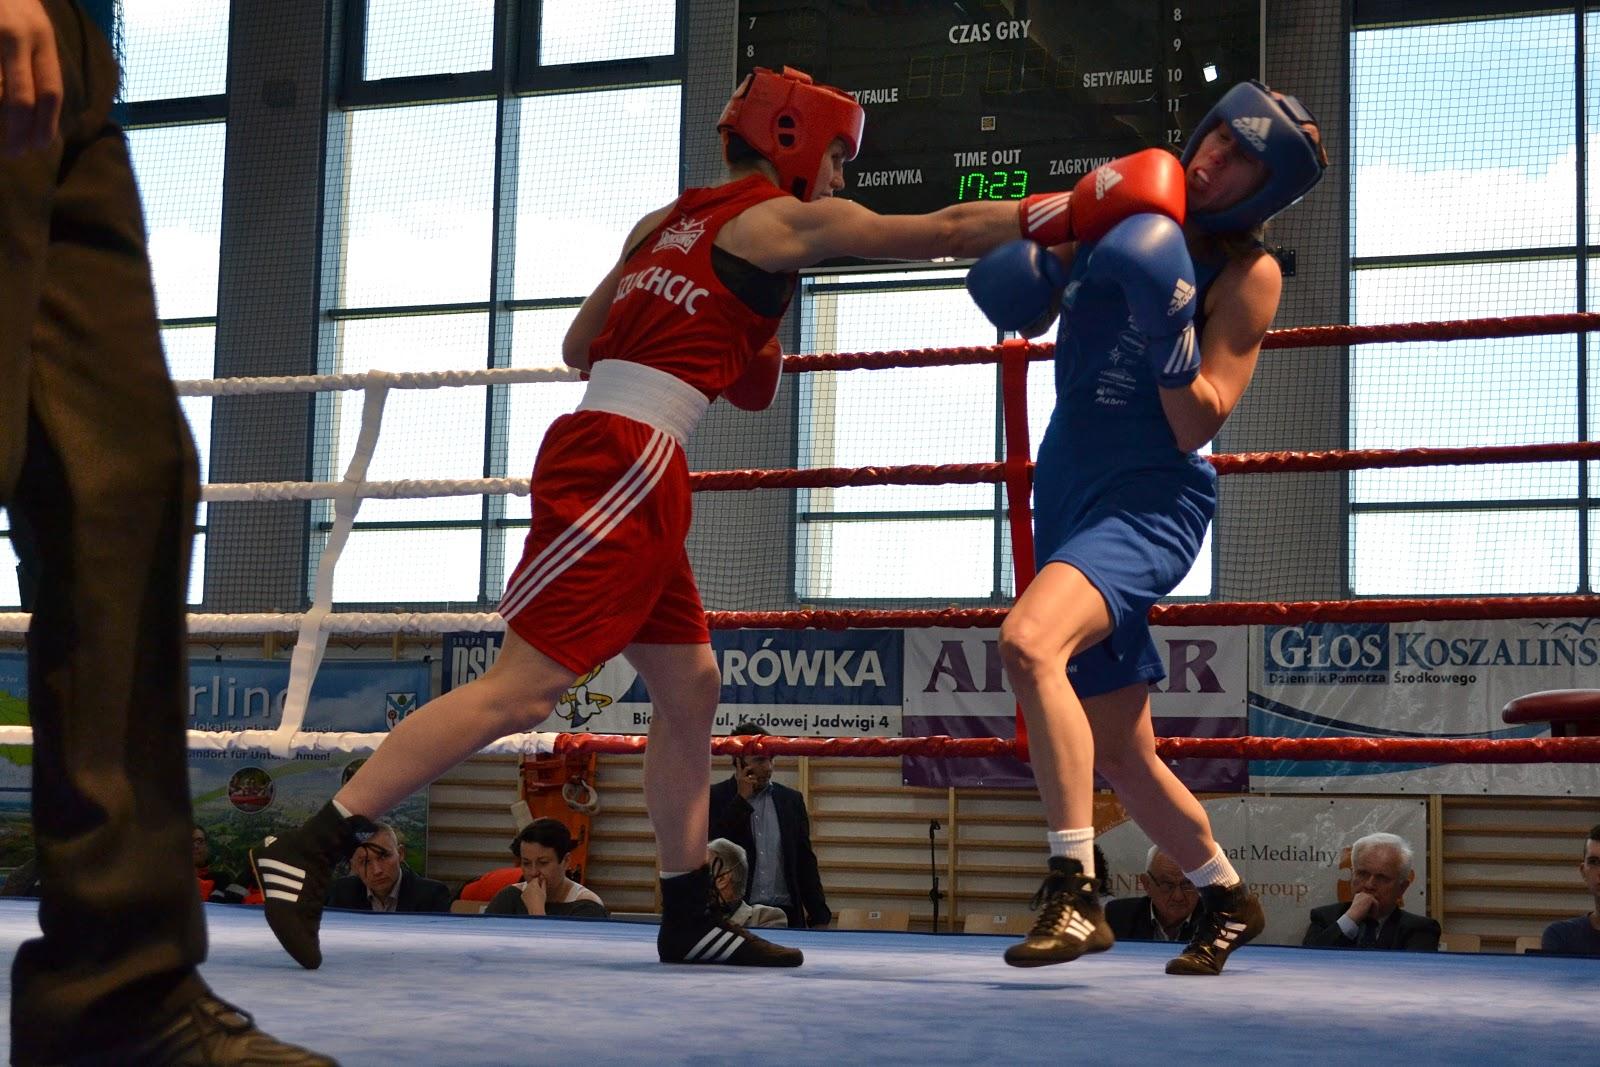 boks kobiet, boks olimpijski, Mistrzostwa, Karlino, Kinga Szlachcic, Magdalena Józak, Adriana Marczewska,